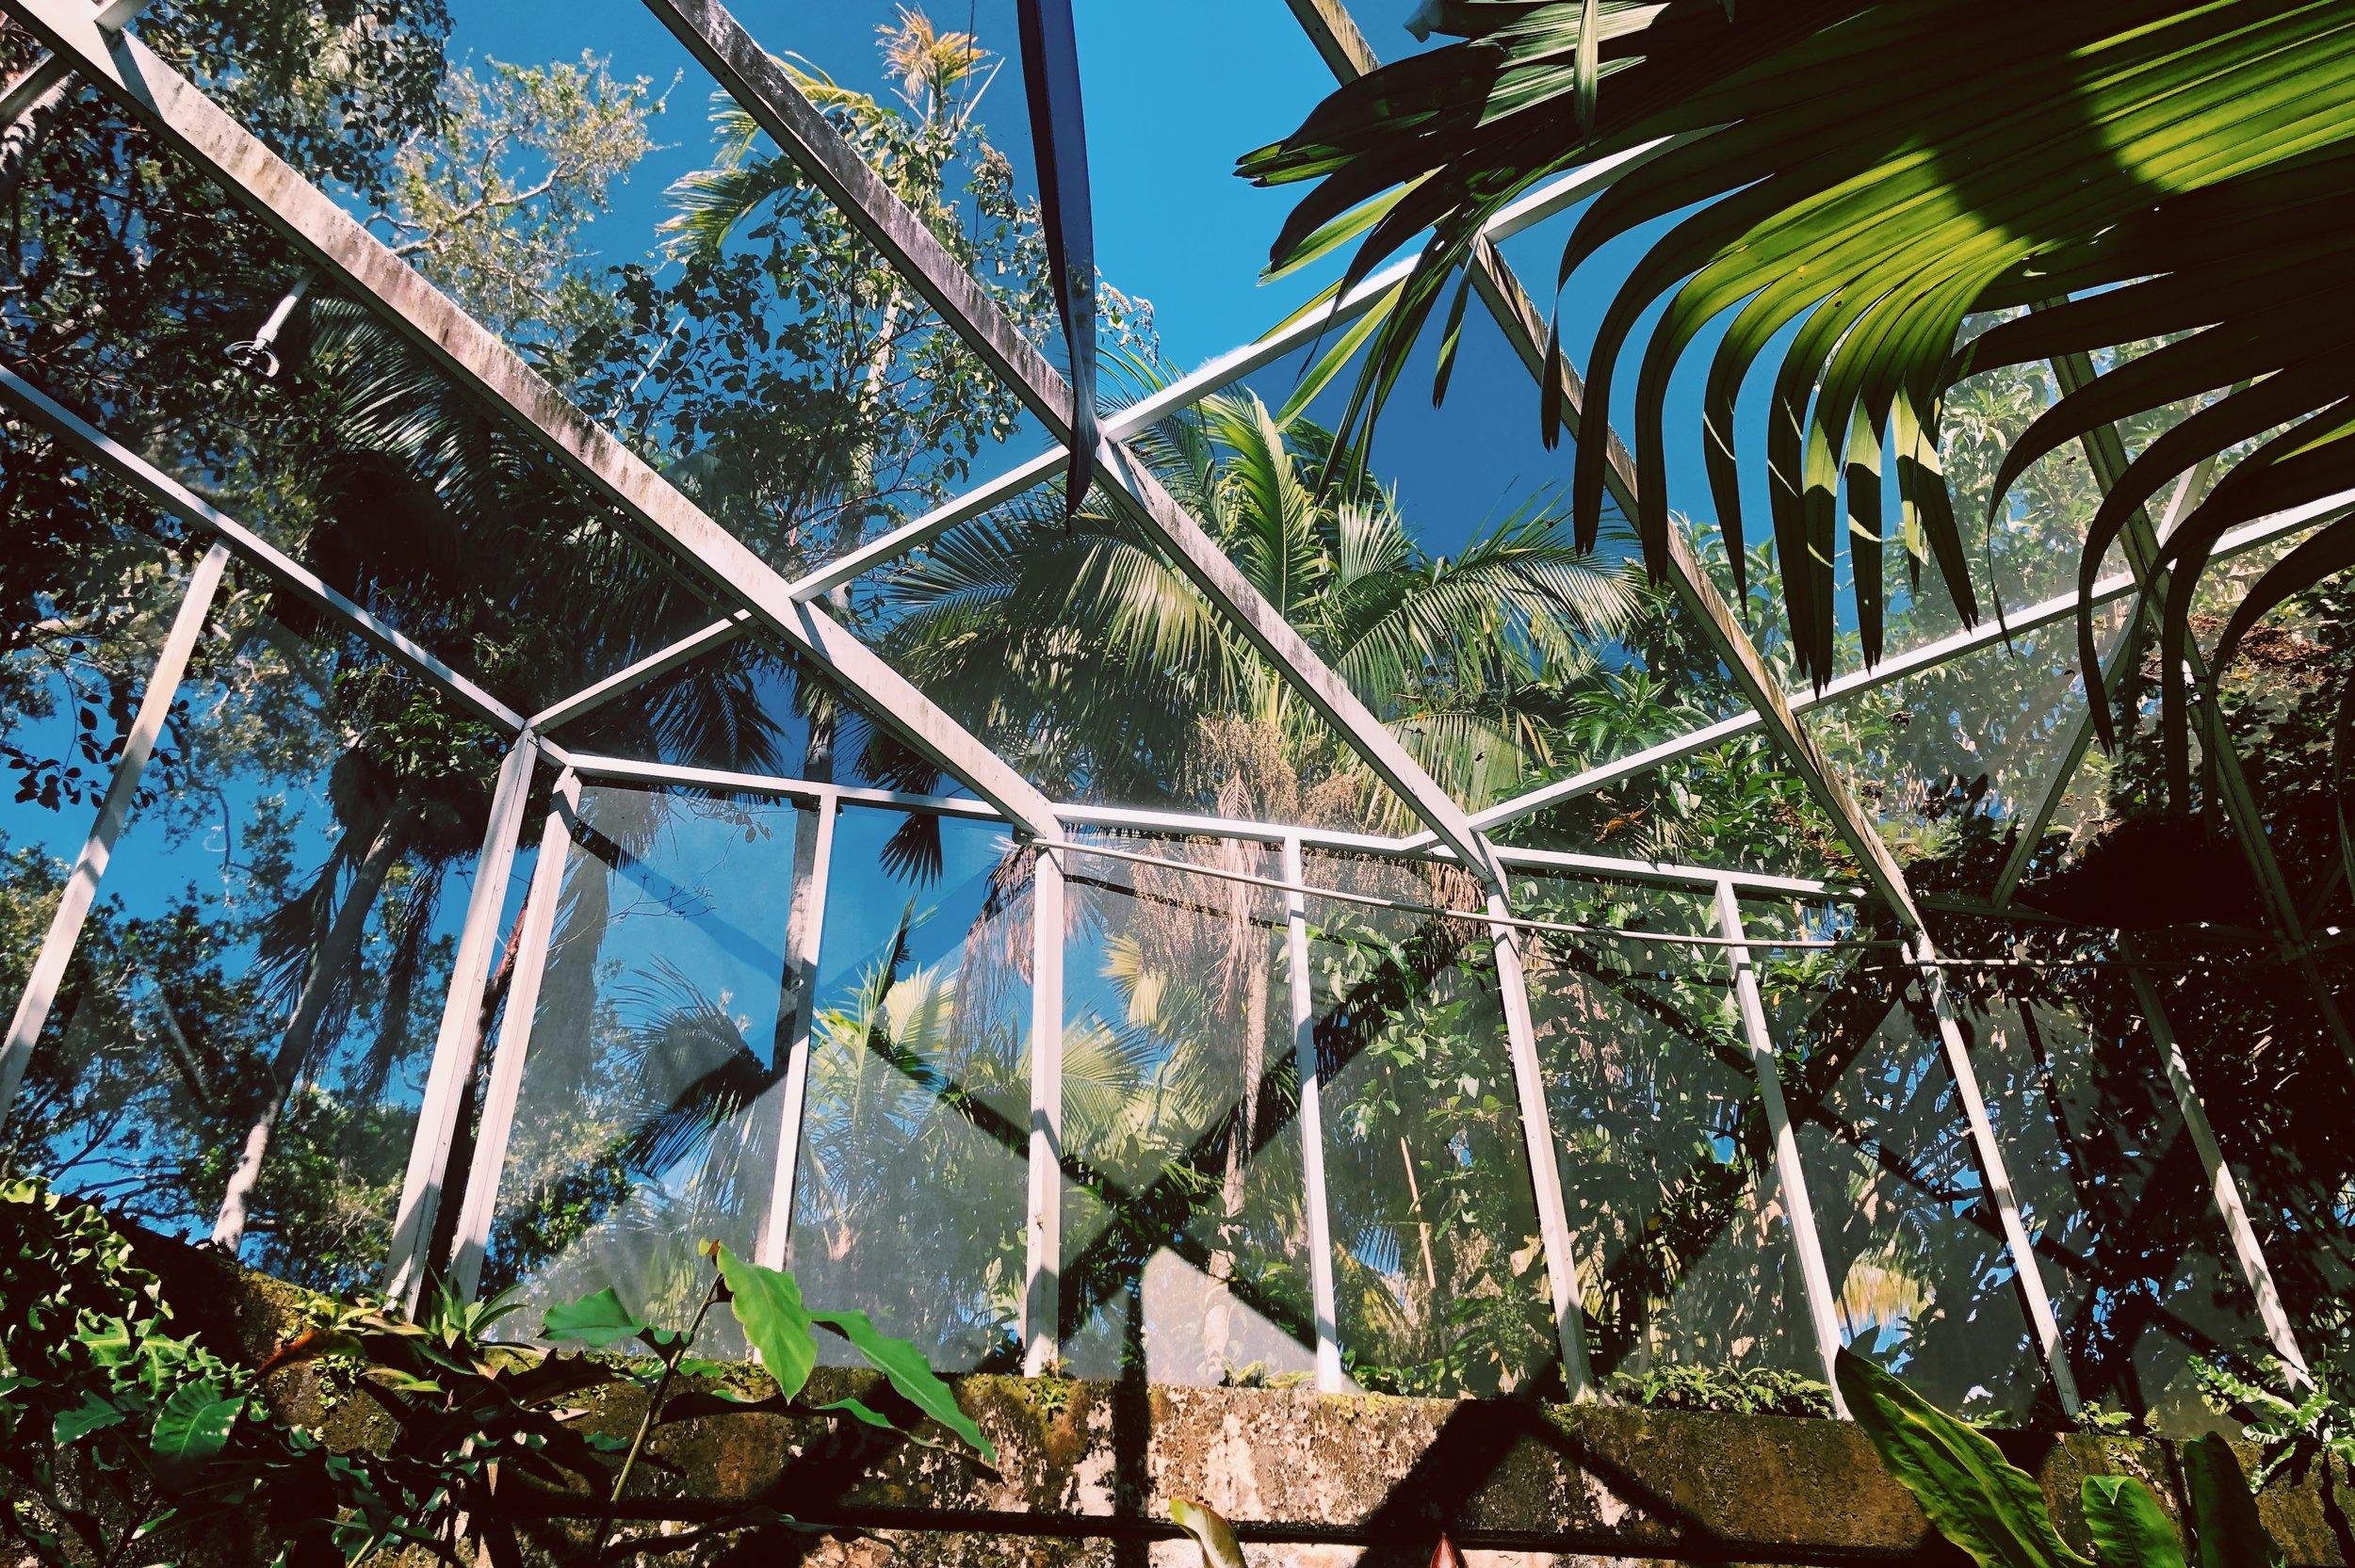 Fairchild Tropical Botanic Garden.